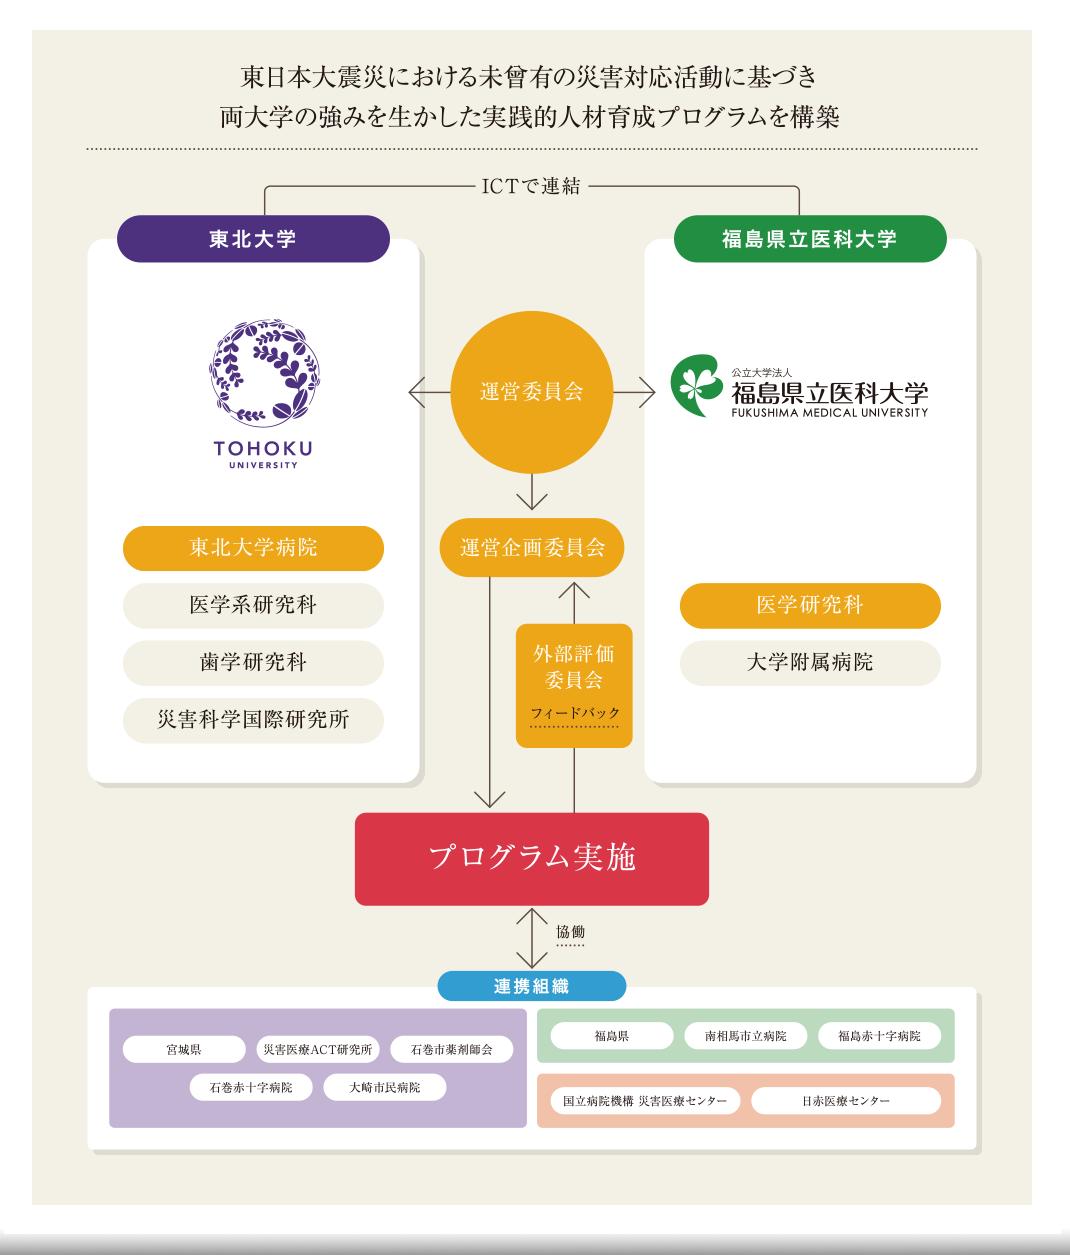 東日本大震災における未曽有の災害対応活動に基づき両大学の強みを生かした実践的人材育成プログラムを構築